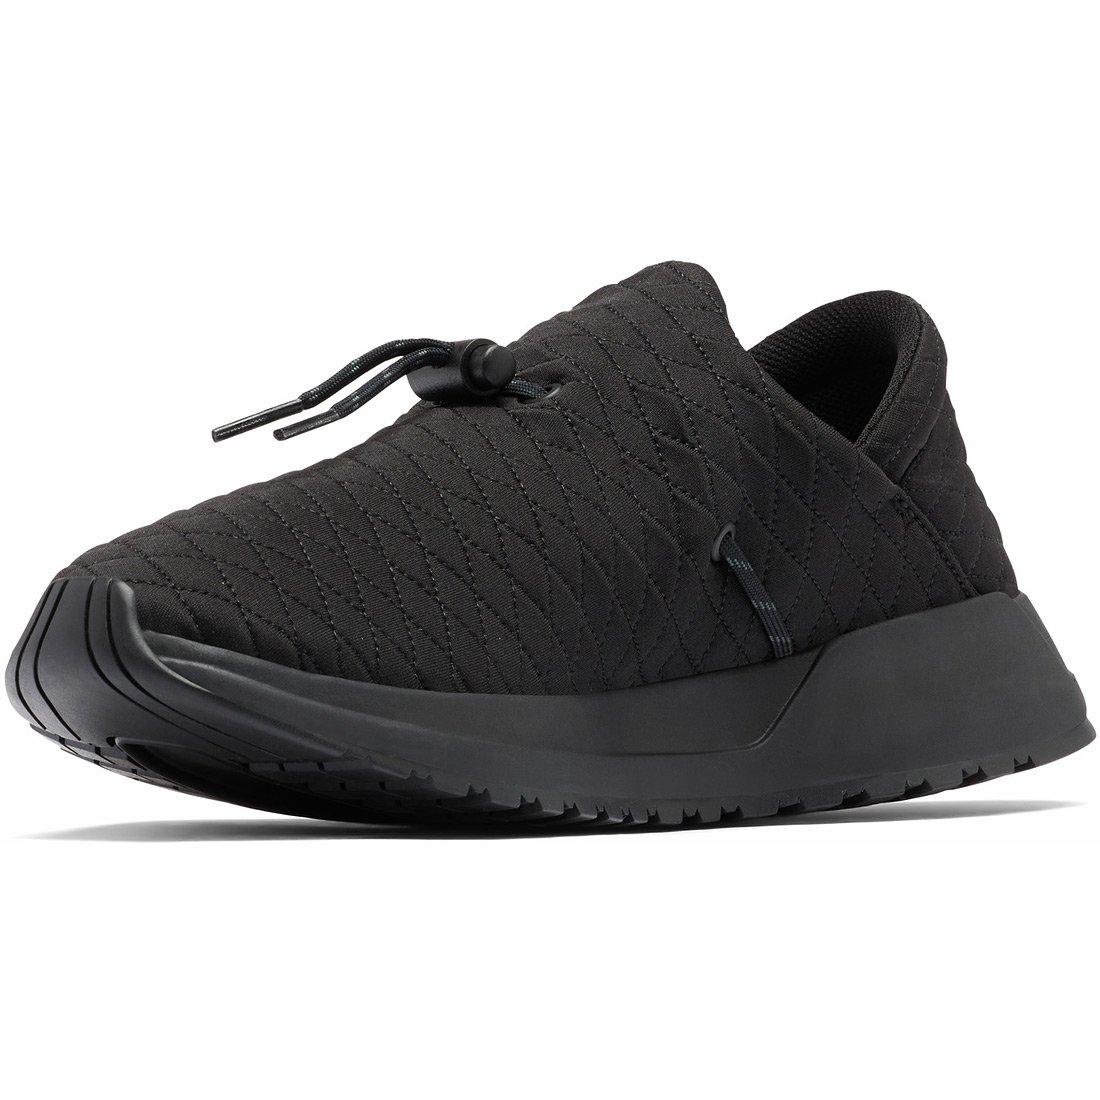 נעליים לנשים - Wildone Moc W - Columbia